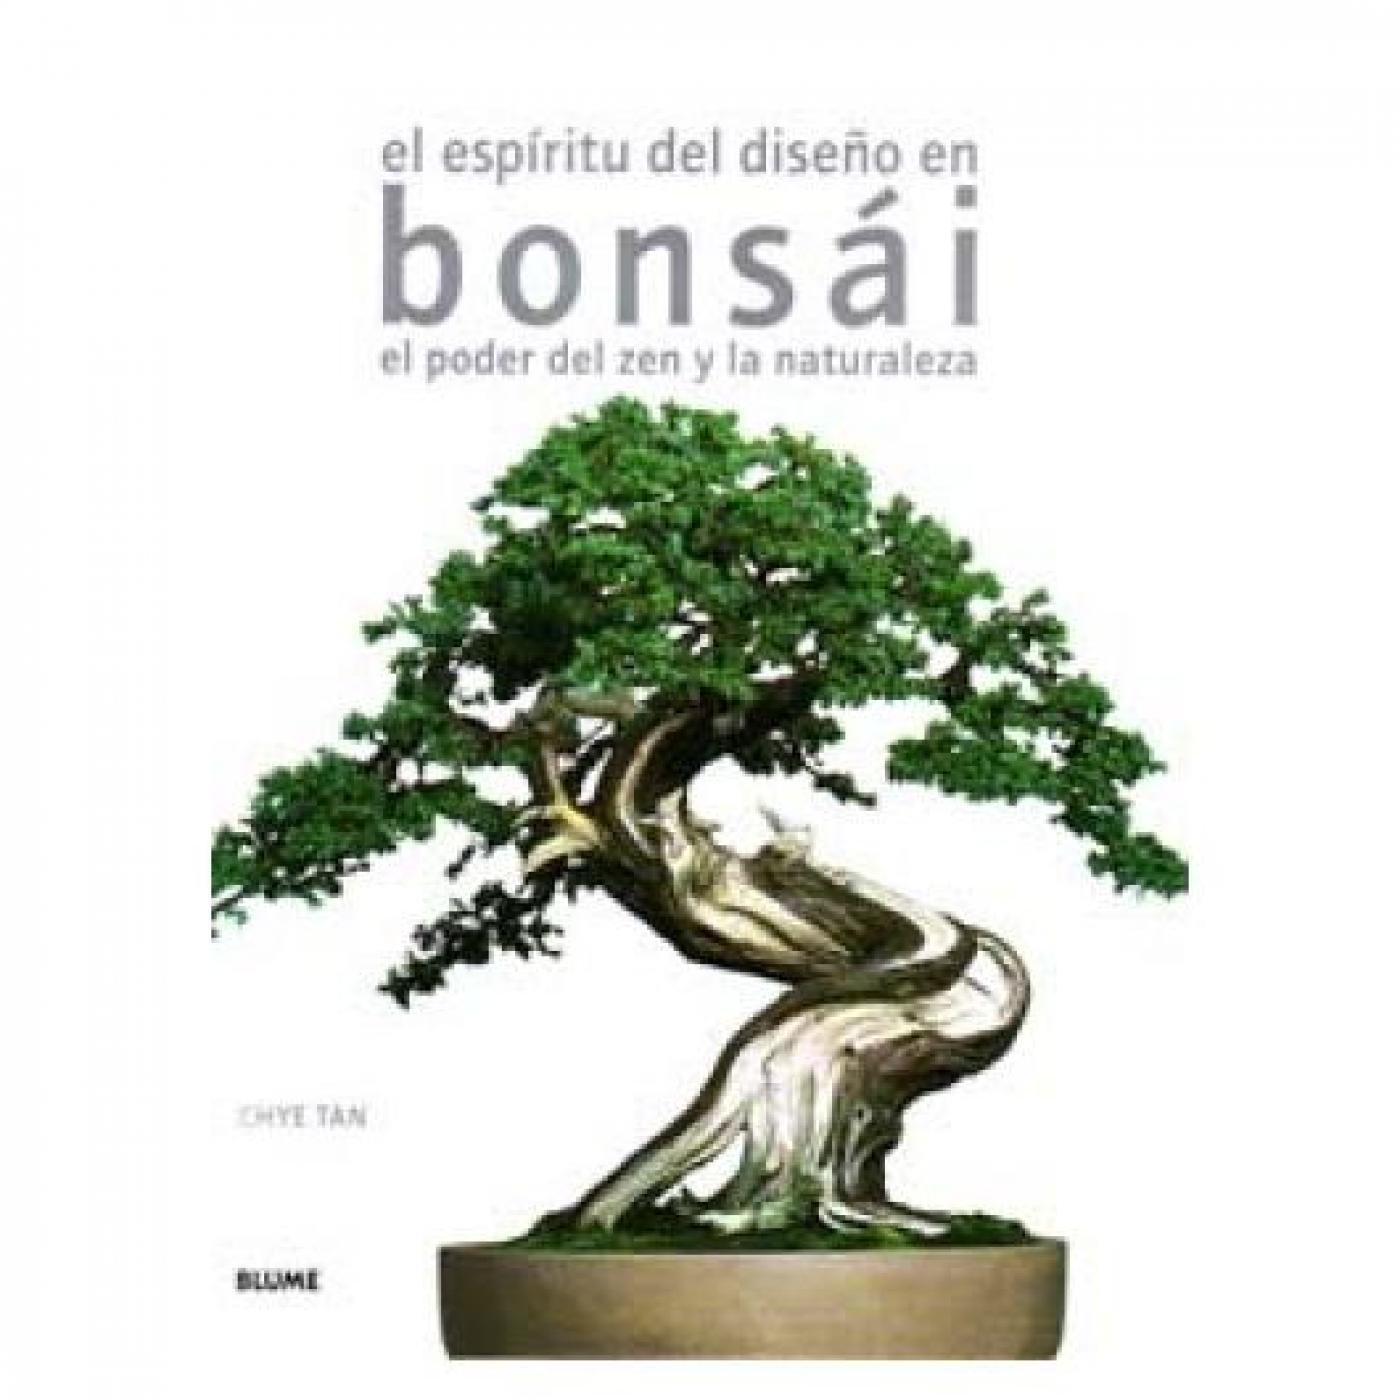 El esp ritu del dise o en bons i por 24 90 en planeta huerto - Libros sobre bonsai ...